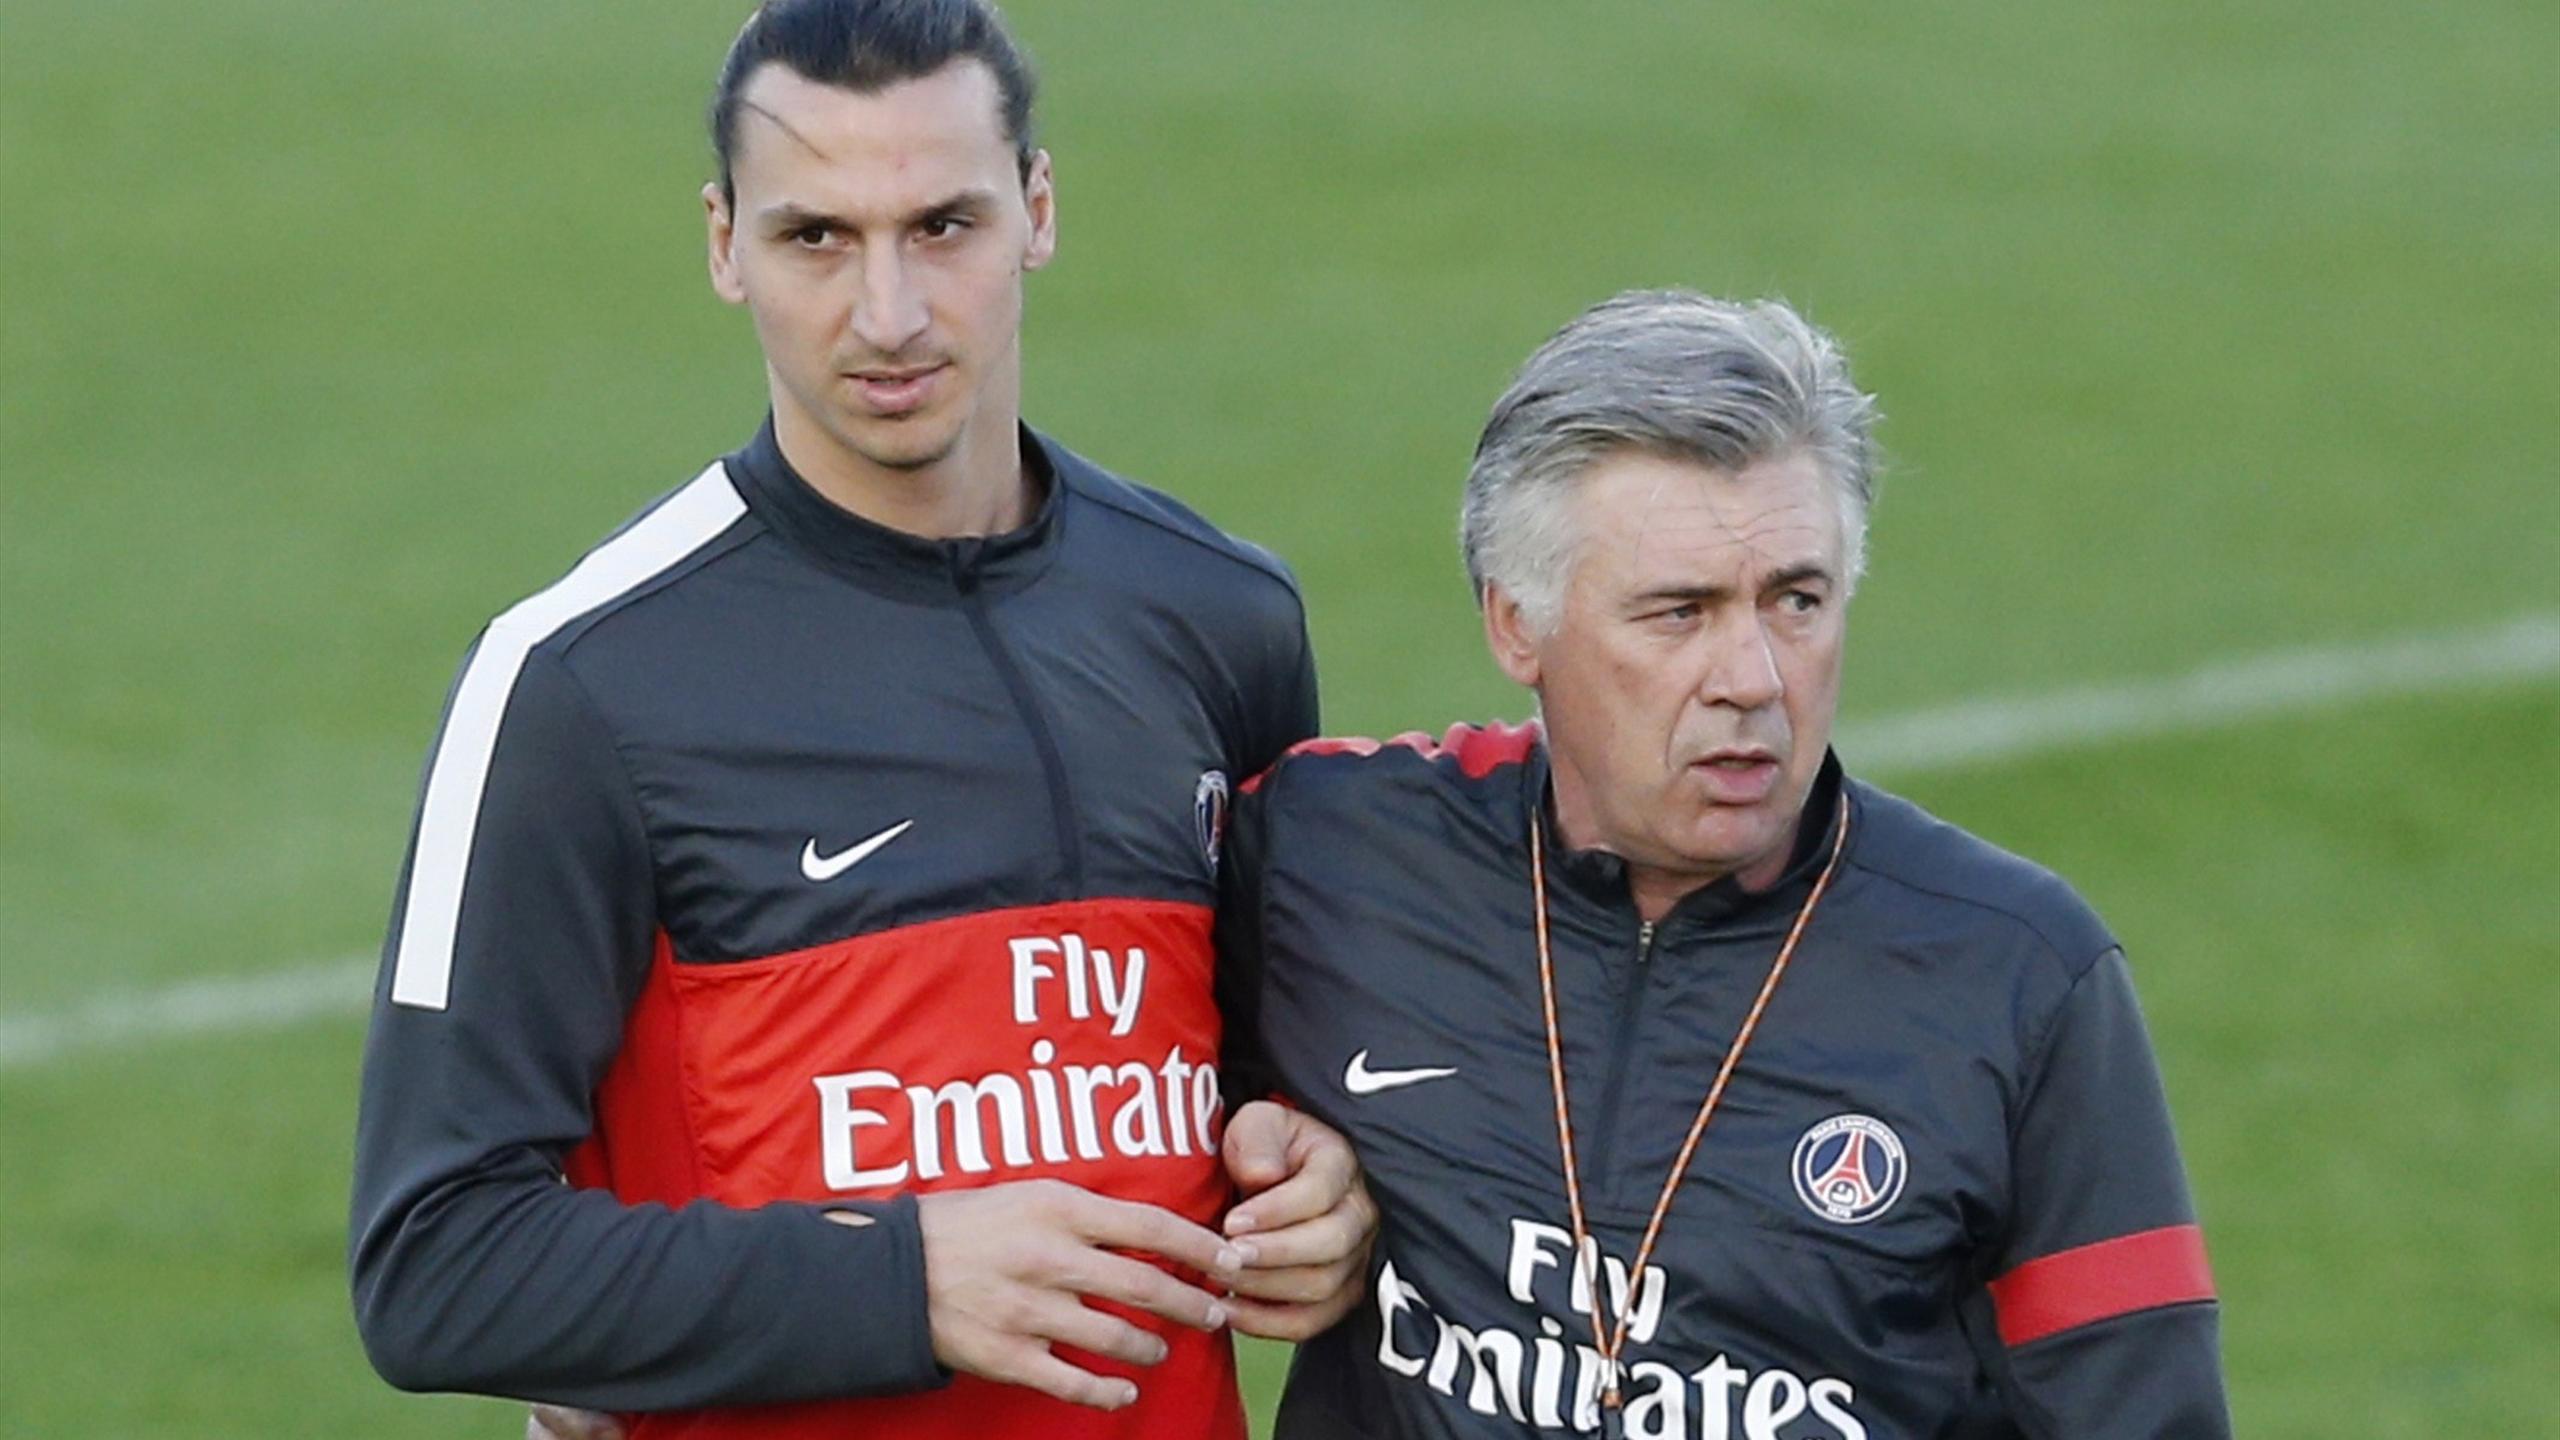 Quella volta in cui Carlo Ancelotti rischiò grosso con Ibrahimovic... -  Eurosport